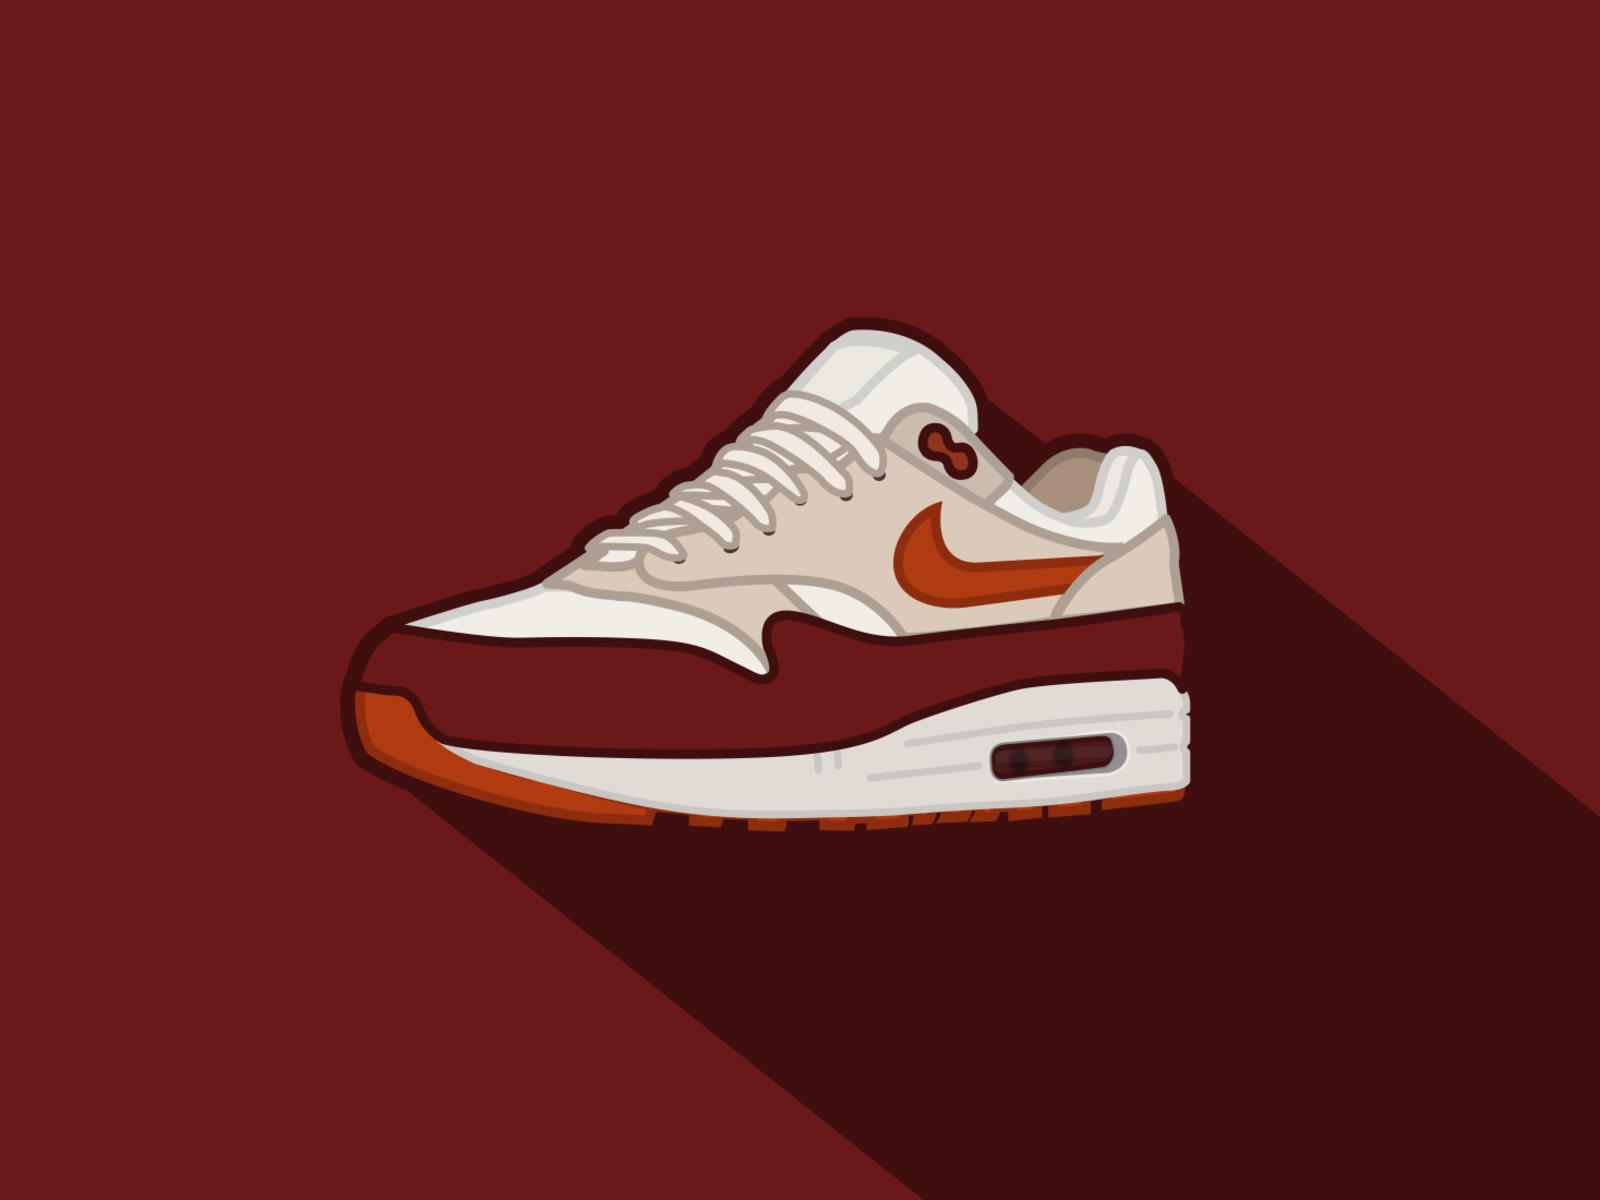 Nike Air Max 1 Illustration by gabriel